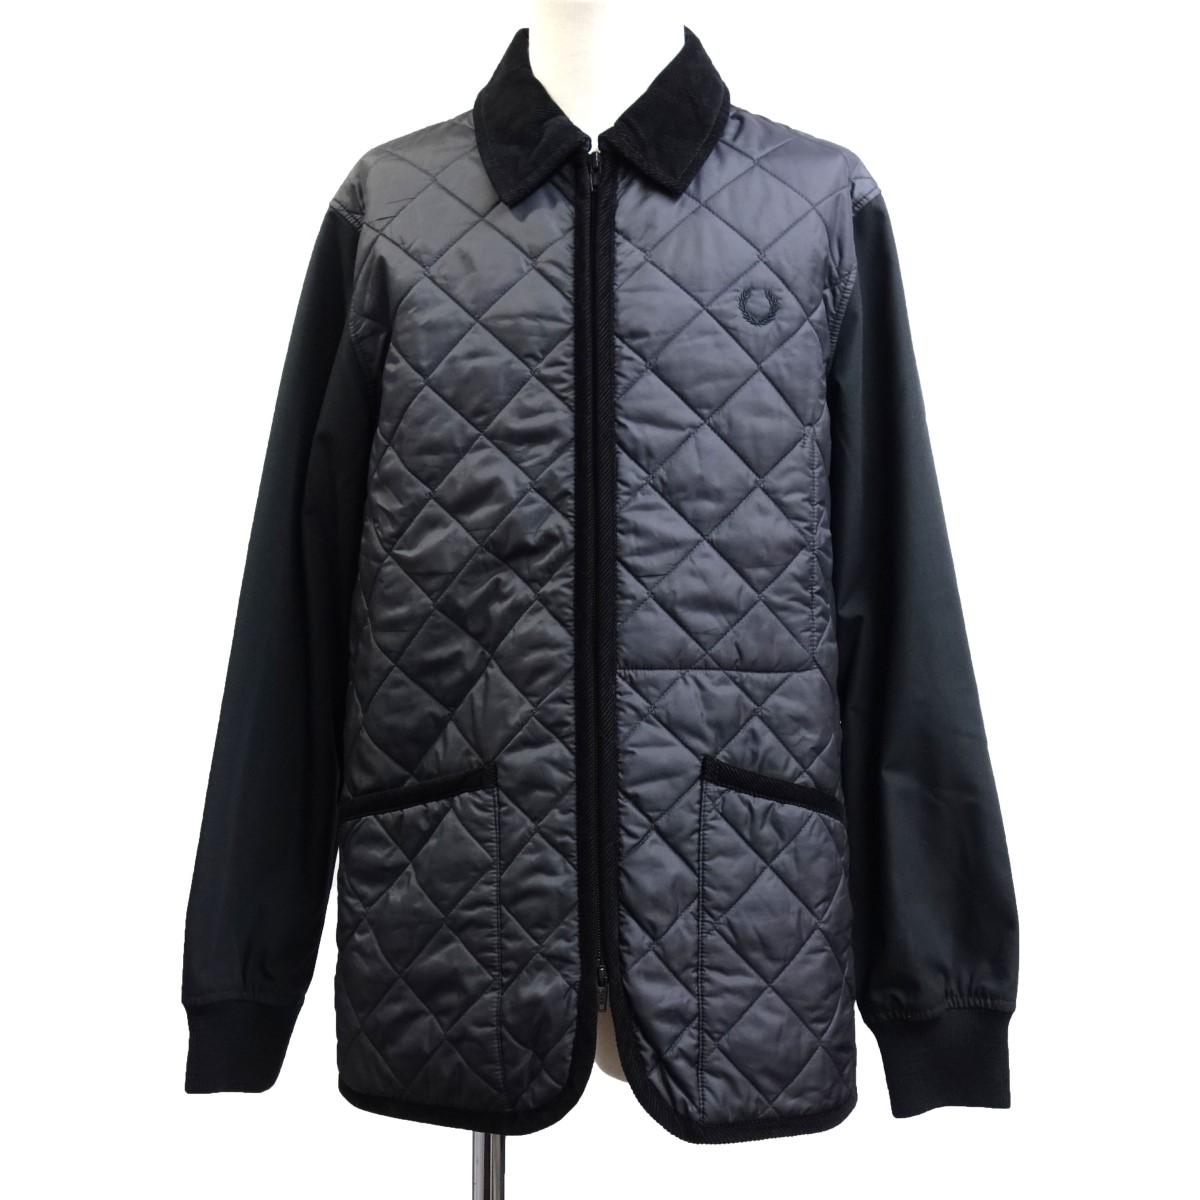 【中古】LAVENHAM×Fred Perry 袖切替キルティングジャケット ブラック サイズ:M 【180720】(ラヴェンハム×フレッドペリー)